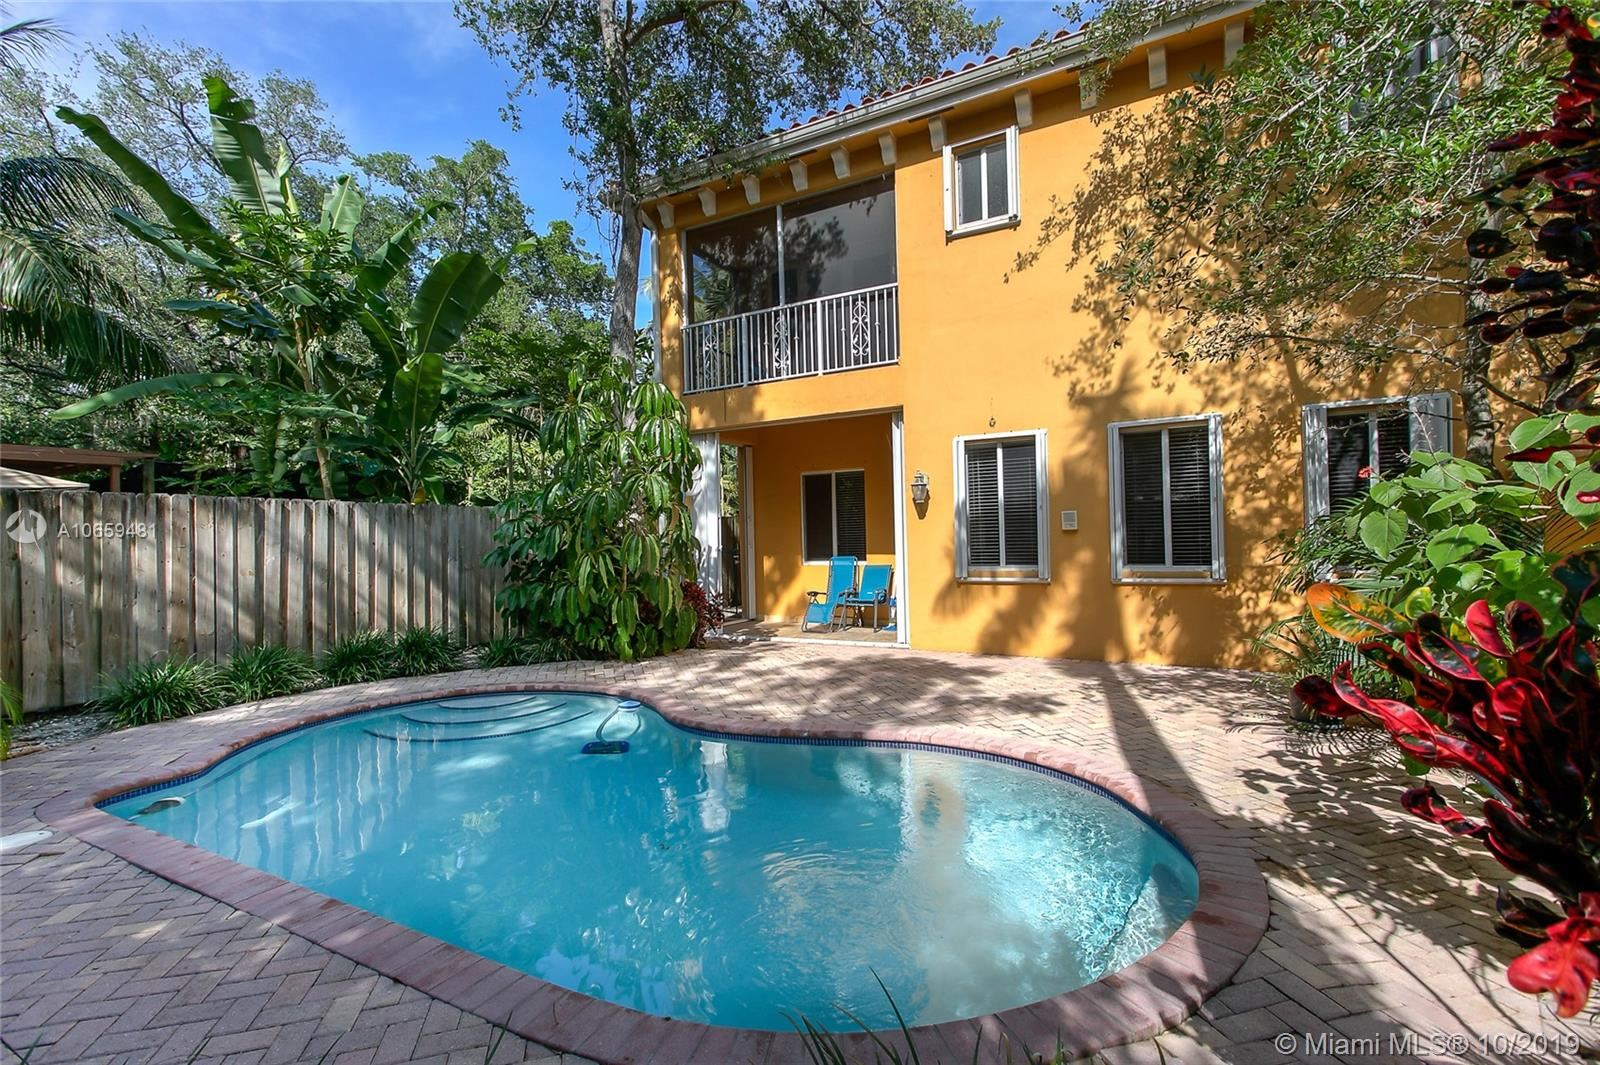 3142 McDonald St, Coconut Grove, FL 33133 - MLS#: A10659481